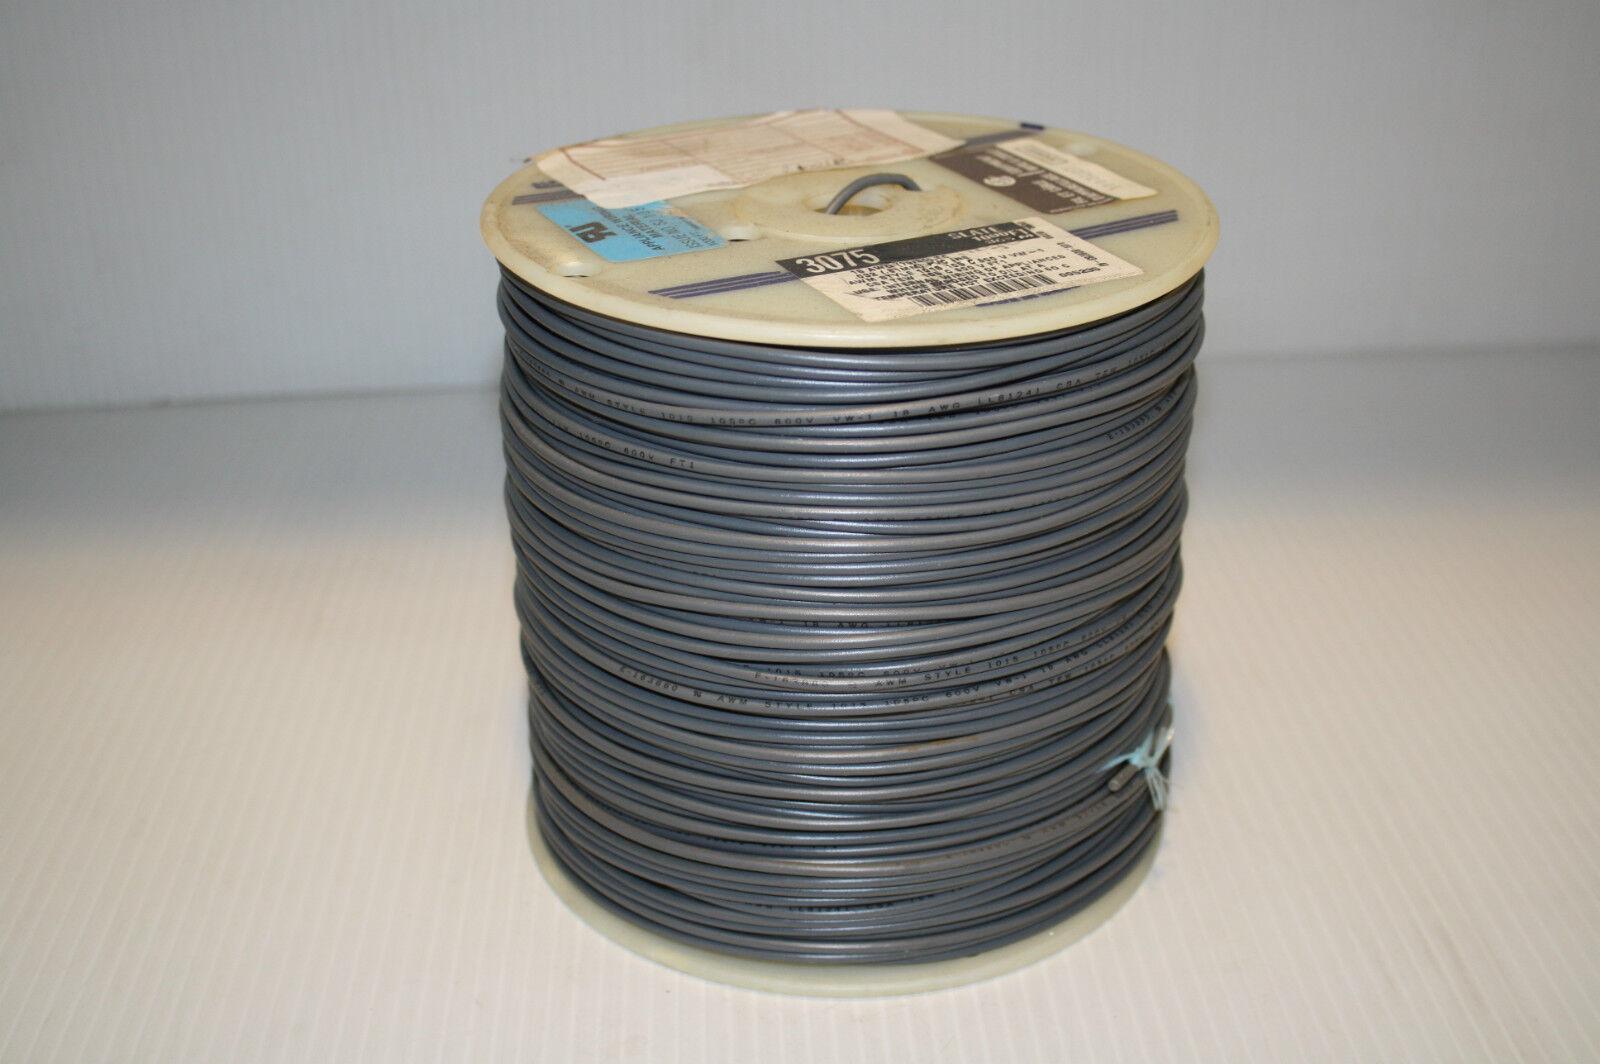 Alpha Wire 3075 Hook-up Strnd 18awg Slate 1000\' 3075 Sl001 | eBay